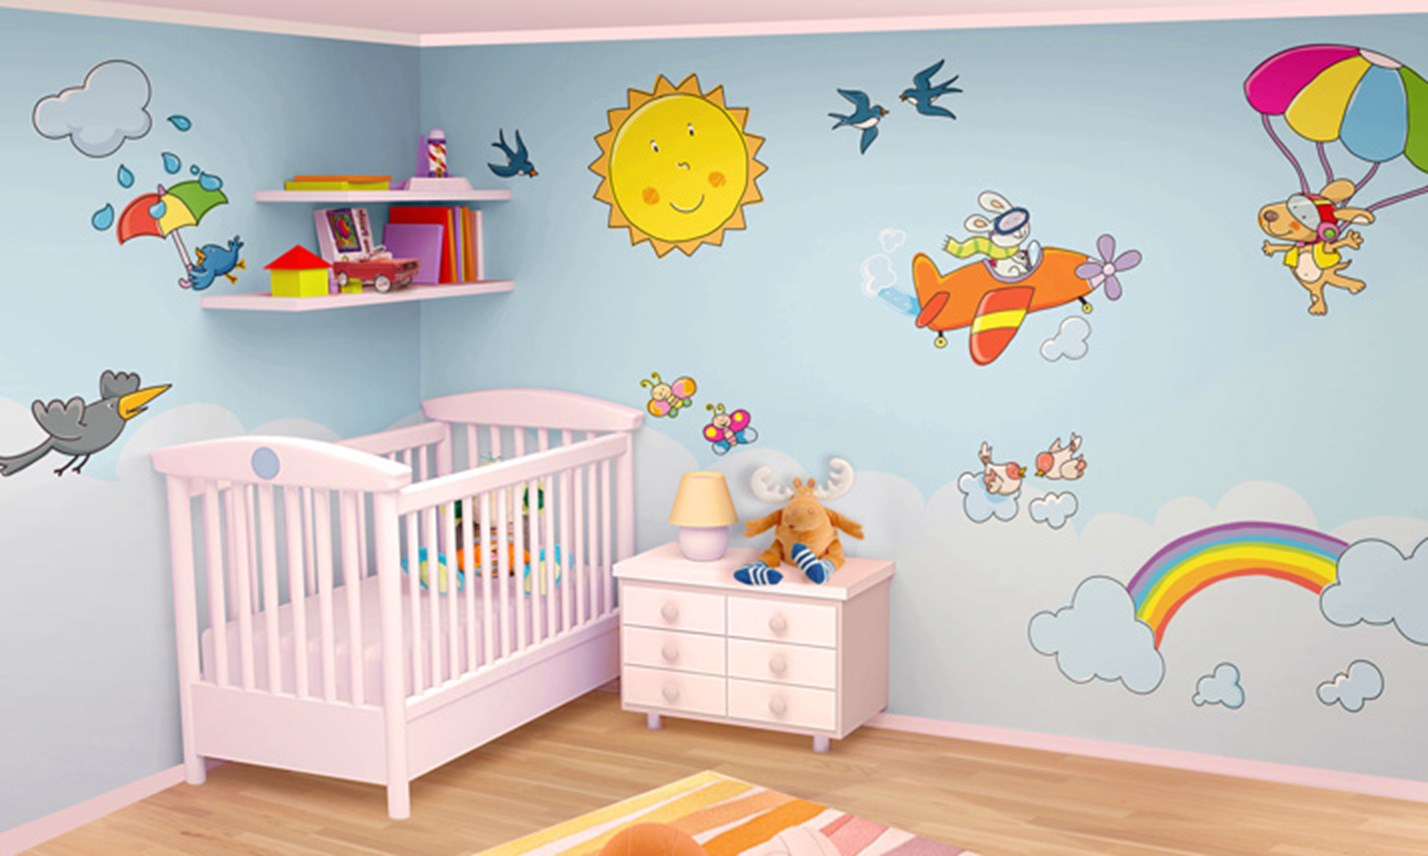 Decorazioni stanze bambini to24 regardsdefemmes - Decorazioni muri camerette bambini ...